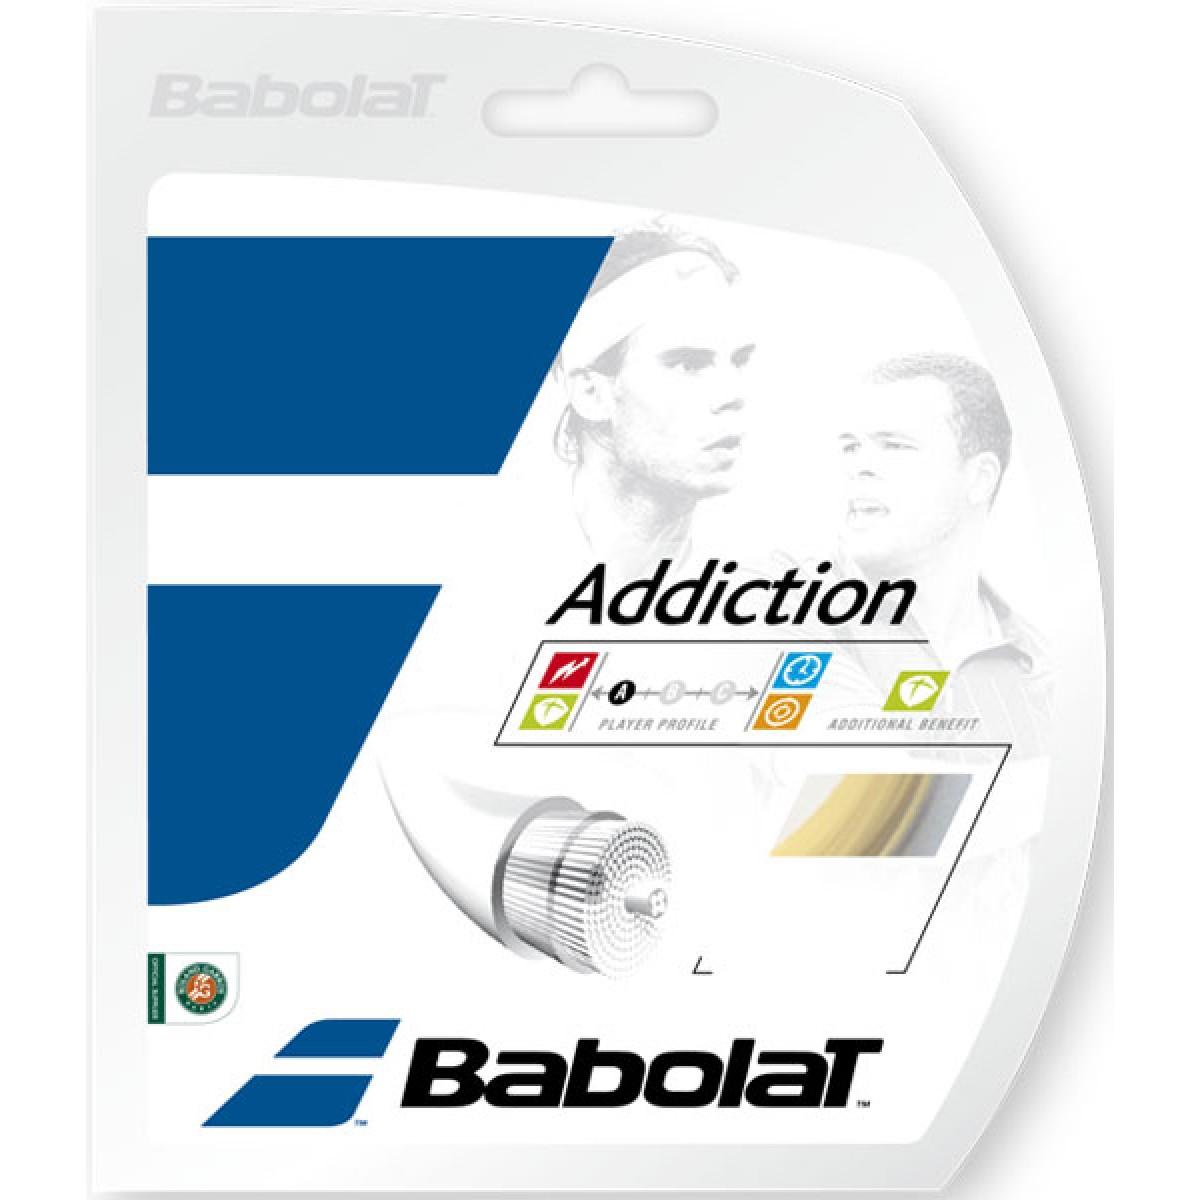 CORDAGE BABOLAT ADDIXION (12 METRES) (EX ADDICTION)